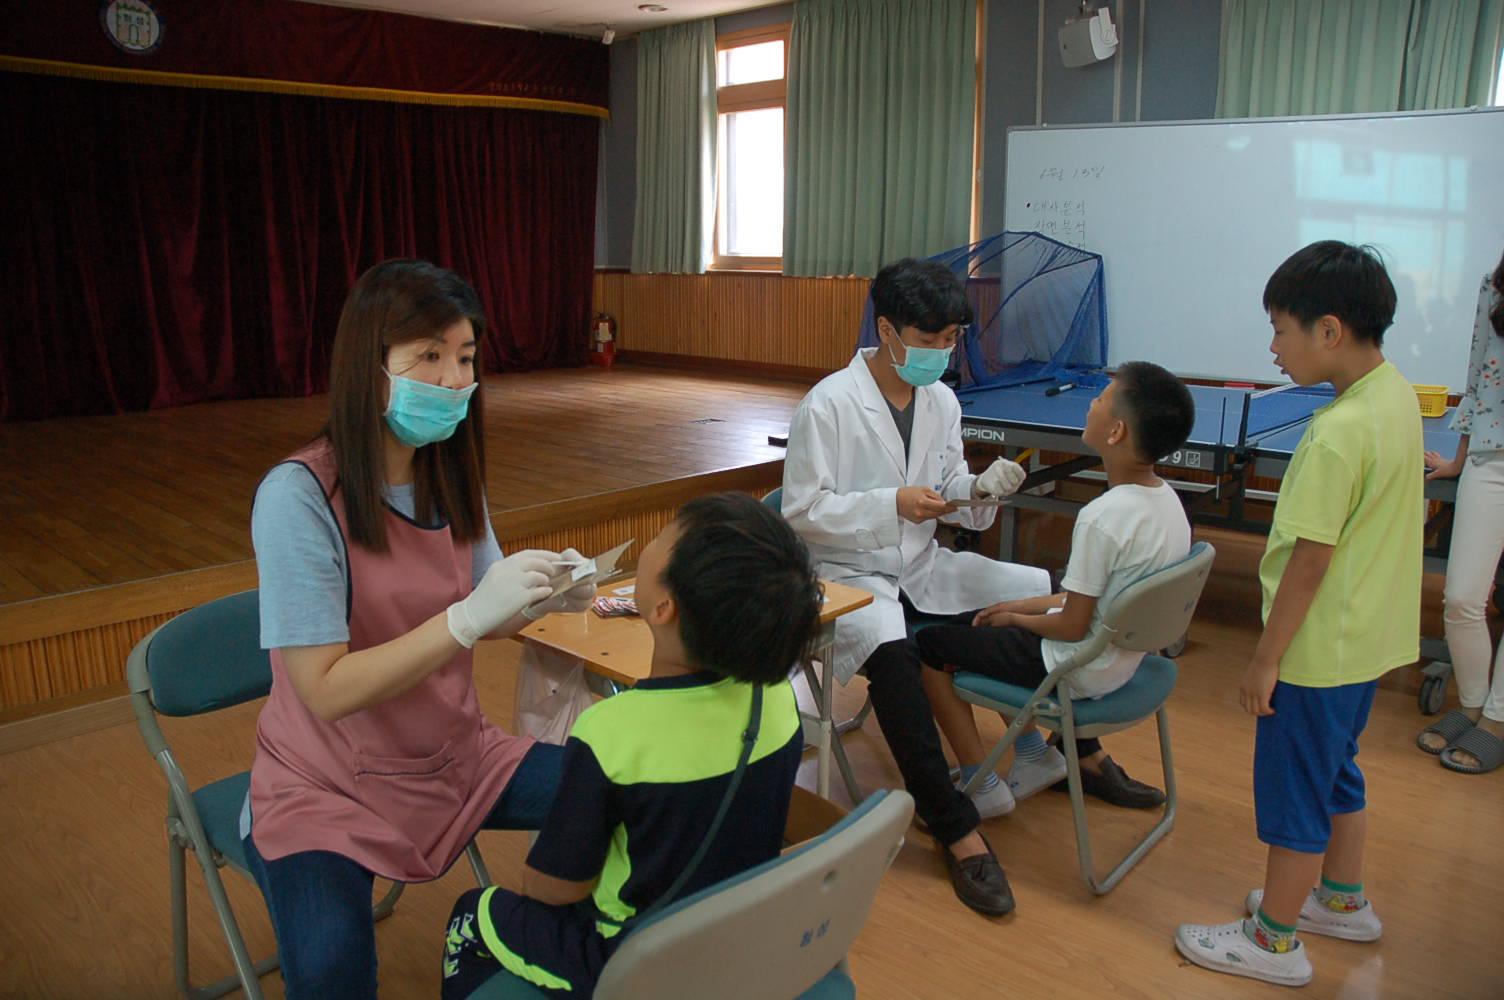 [일반] 불소이온도포 및 구강 위생관리 교육 실시의 첨부이미지 4